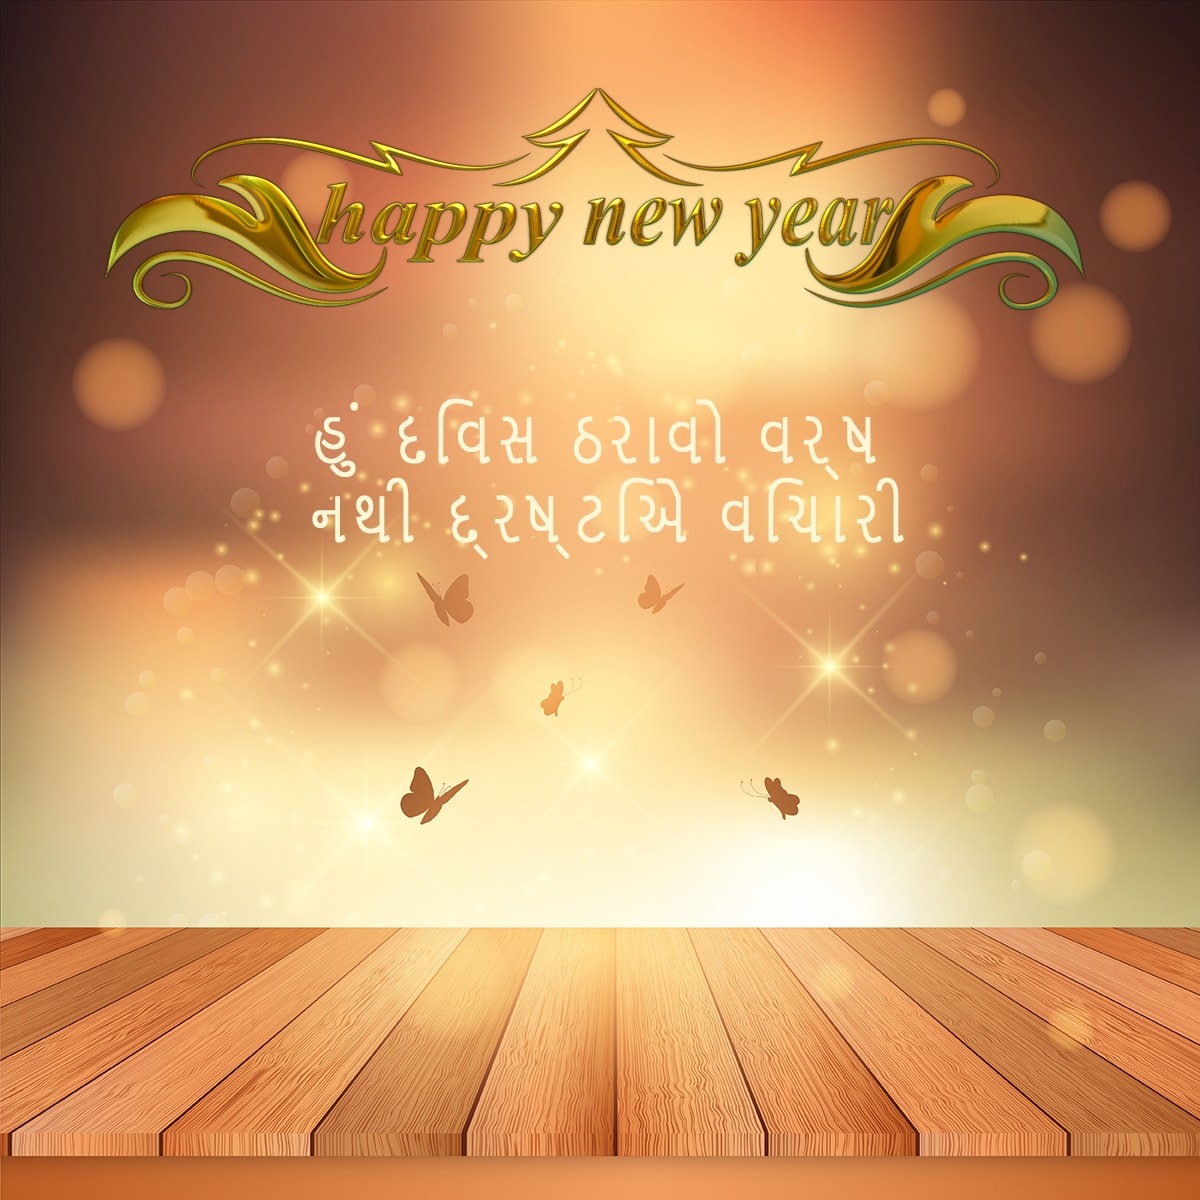 NajarHappy New Year 2018 Wishes in Gujarati for Whatsapp malta ek minit lage che.! Te gami jata ek kallak lage che.! Tena prem ma padta ek divas je lage che.! Pan dost Tene bhulva mate ek zindgi pan adhuri lage che.! Happy New Year   Door Rahishu To Pan Dil Ma Rahishu.. Samay Na Sathvare Fari Malta Rahisu.. Aam To Hu Chandra Nathi, Chatay Karso Yaad.. To Amas Ma Pan Malta Rahisu.   Navu che aa varsh navi che aasha and ummido nava kam karvani che aashao aava utsah ne rakhjo aakha varsh ma jivant tamne harsholash thi Nutan Varshabhindan  Aavi rahyu che navu varsh, khushi lavshe aa navu varsh 2017 mane aasha che k aa navu varsh tmarai jindagi ma apar khusi, anand ane prem lavshe… Nava varsh ni subh kamnao. Happy New Year